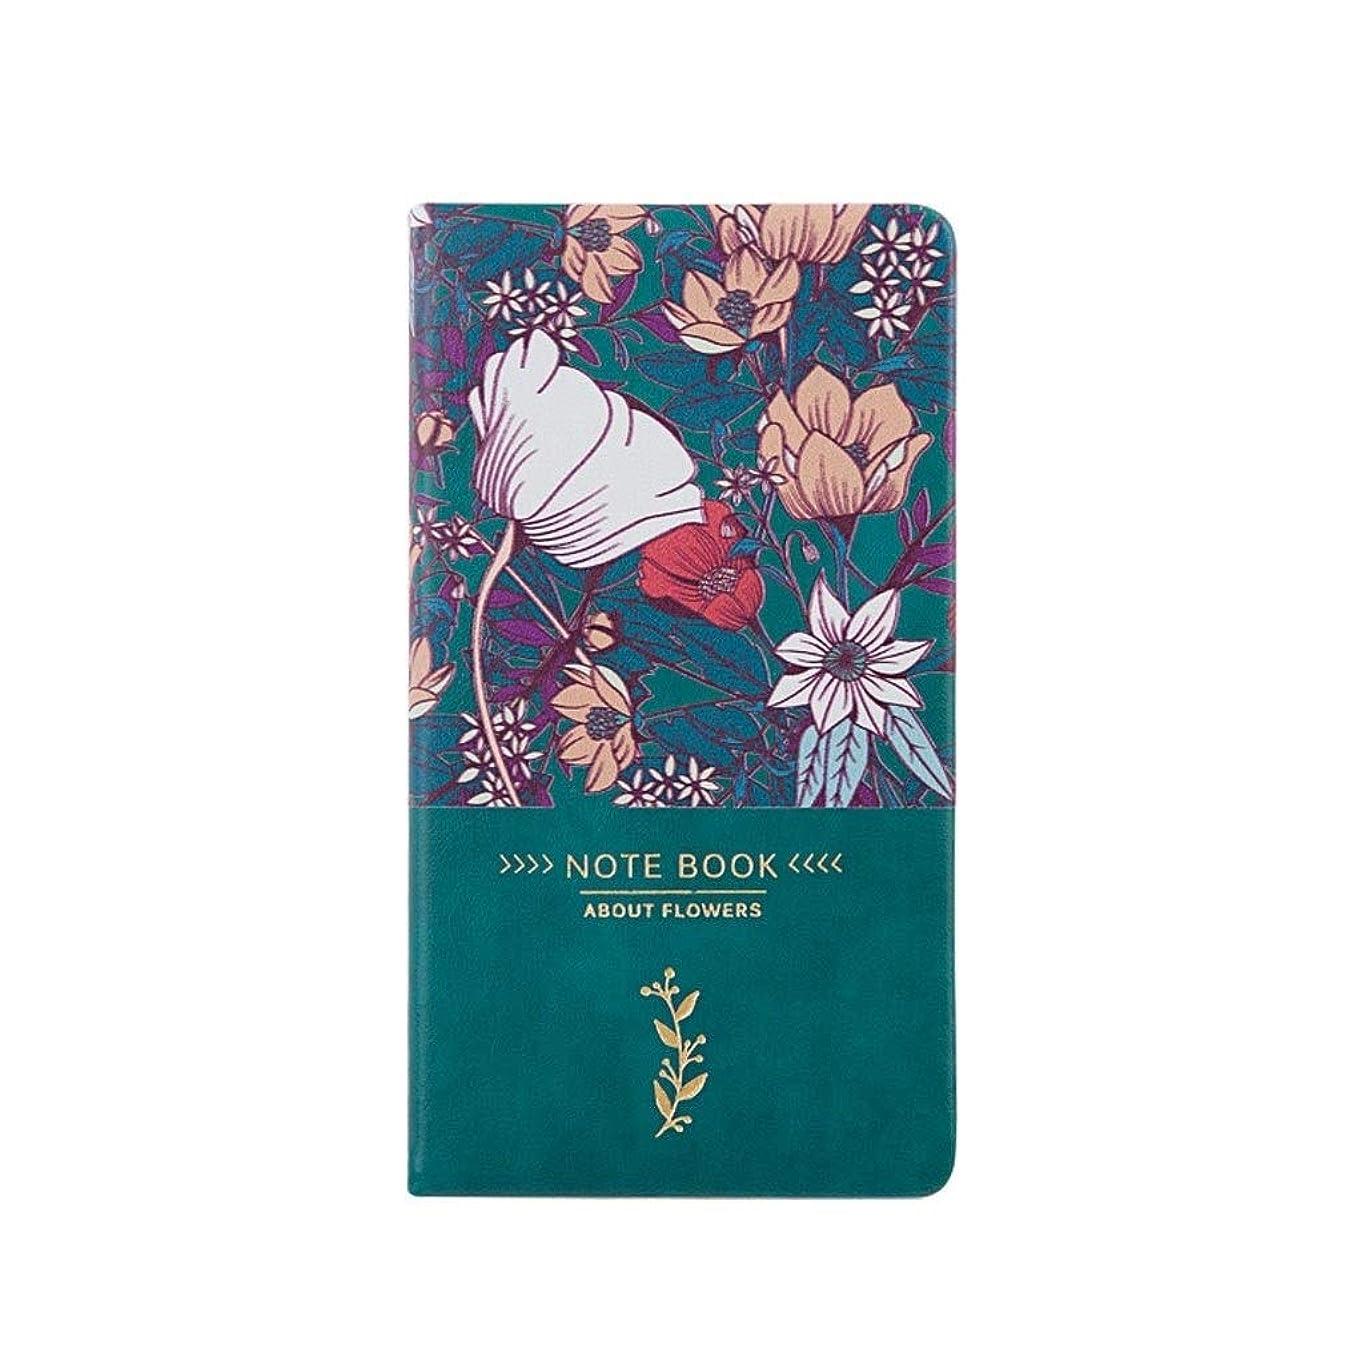 ノート 罫線付きノートブック、ジャーナル、パスコード付きのメモ帳日記の書き方PUレザーハードカバー並ぶ日記3.7'x7.0 ' メモ帳 ノート (Color : Green)